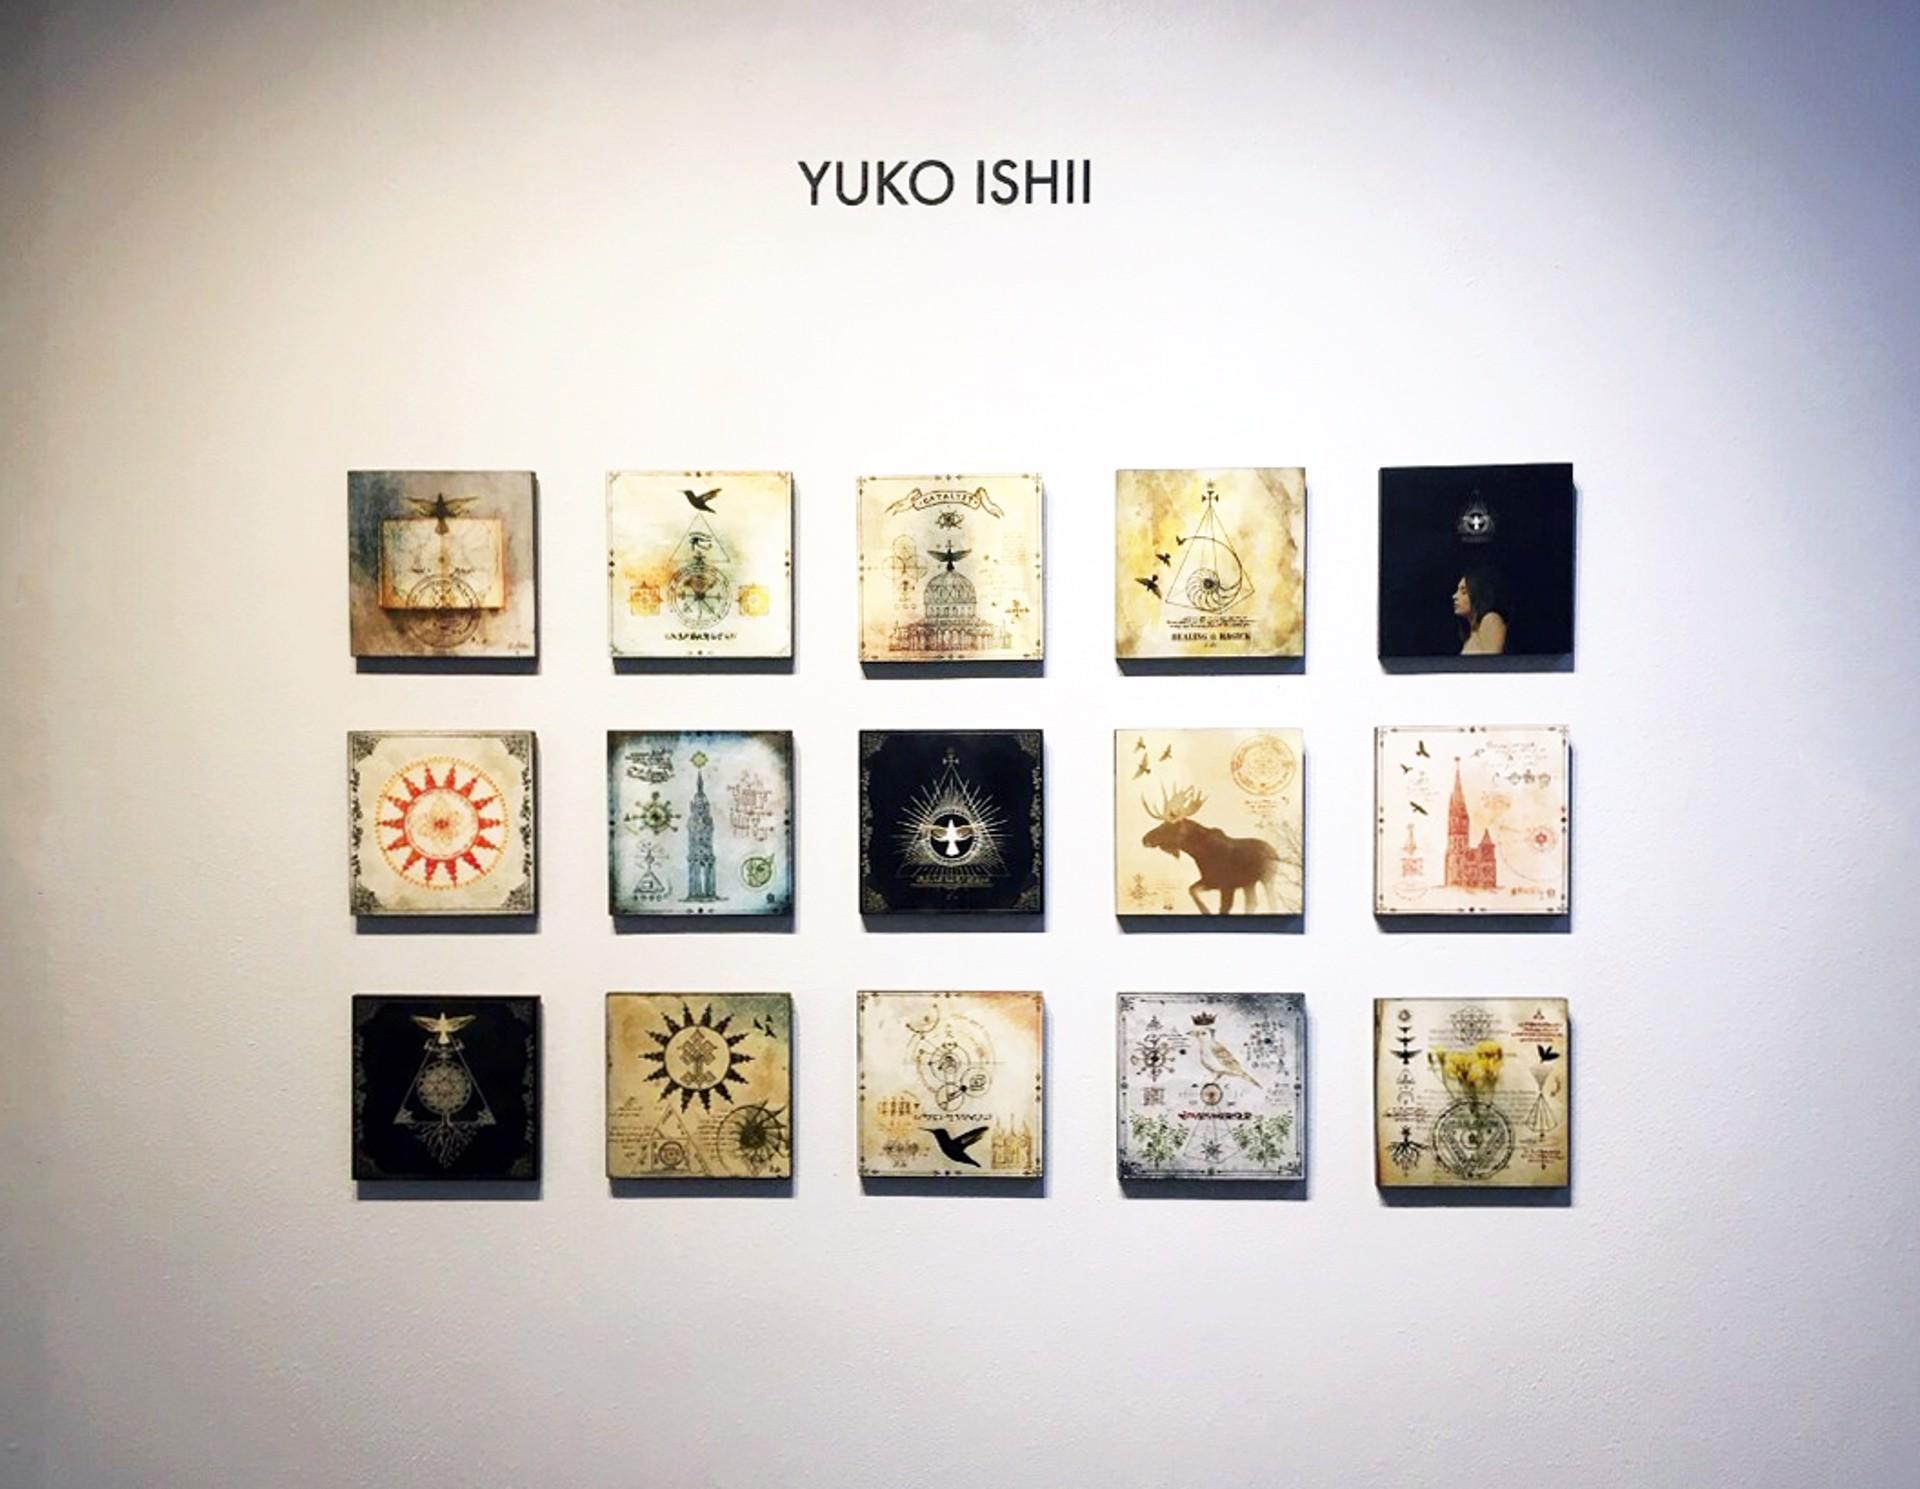 Dreamwork by Yuko Ishii